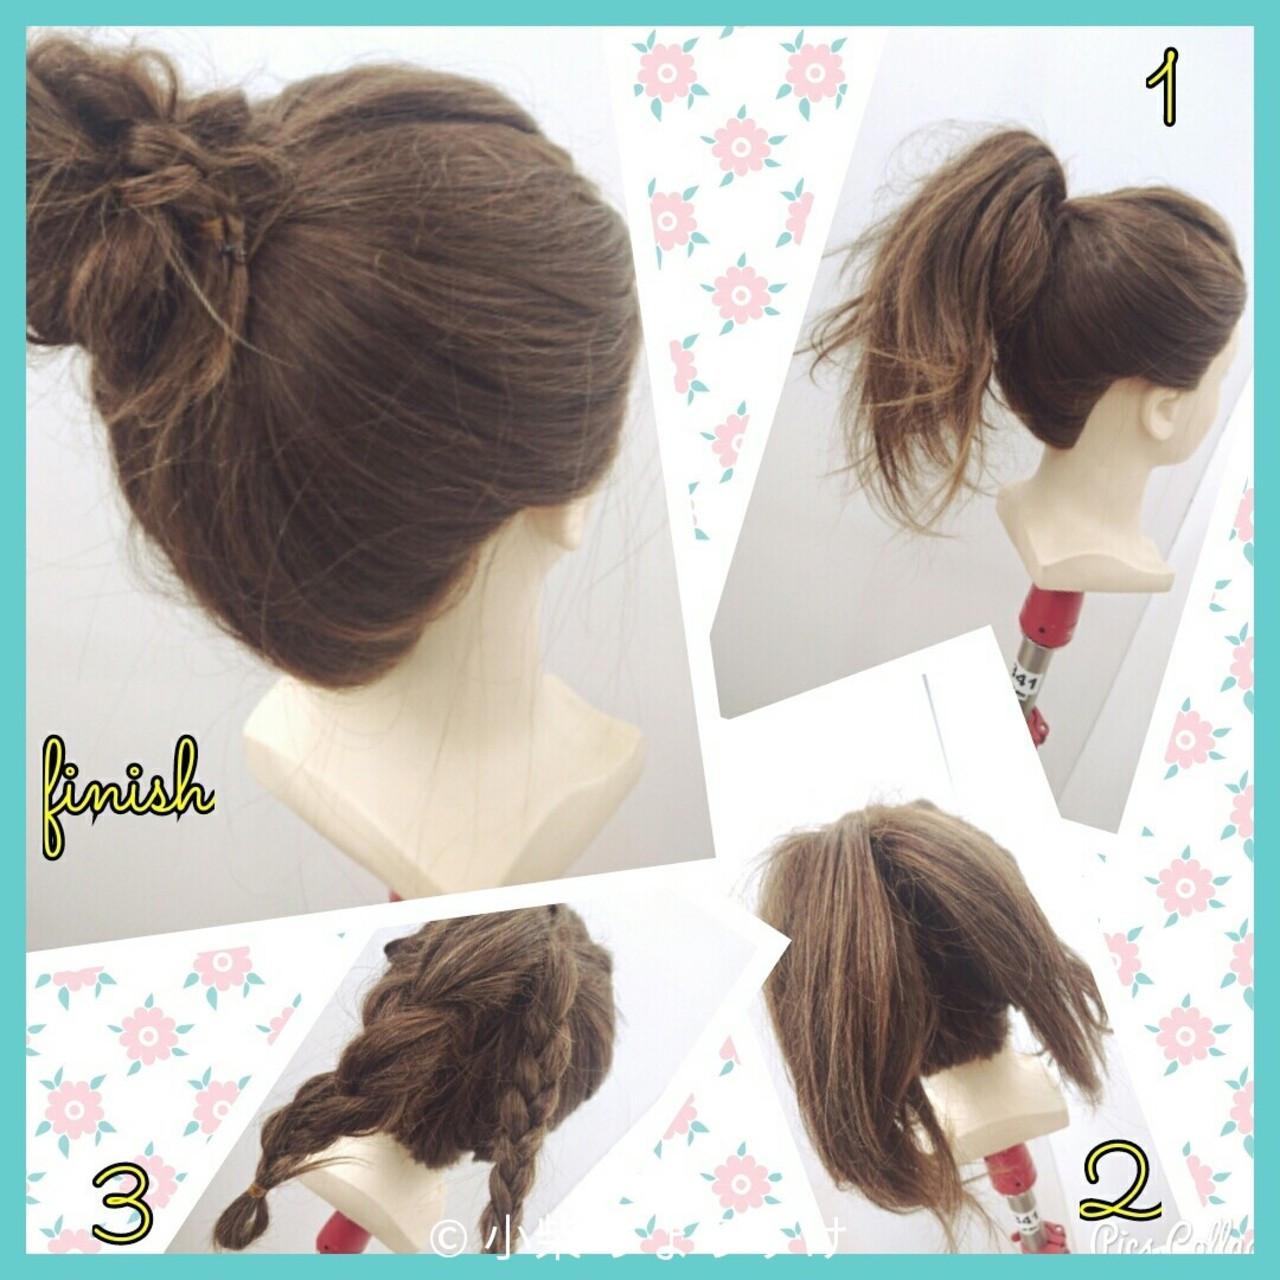 ヘアアレンジ トレンド セミロング ヘアスタイルや髪型の写真・画像